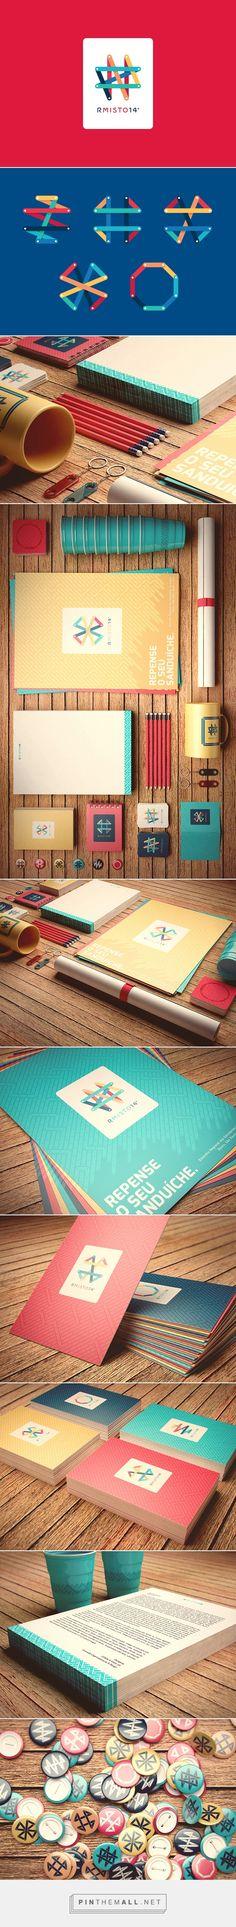 R Misto 14' Branding on Behance | Fivestar Branding – Design and Branding Agency & Inspiration Gallery